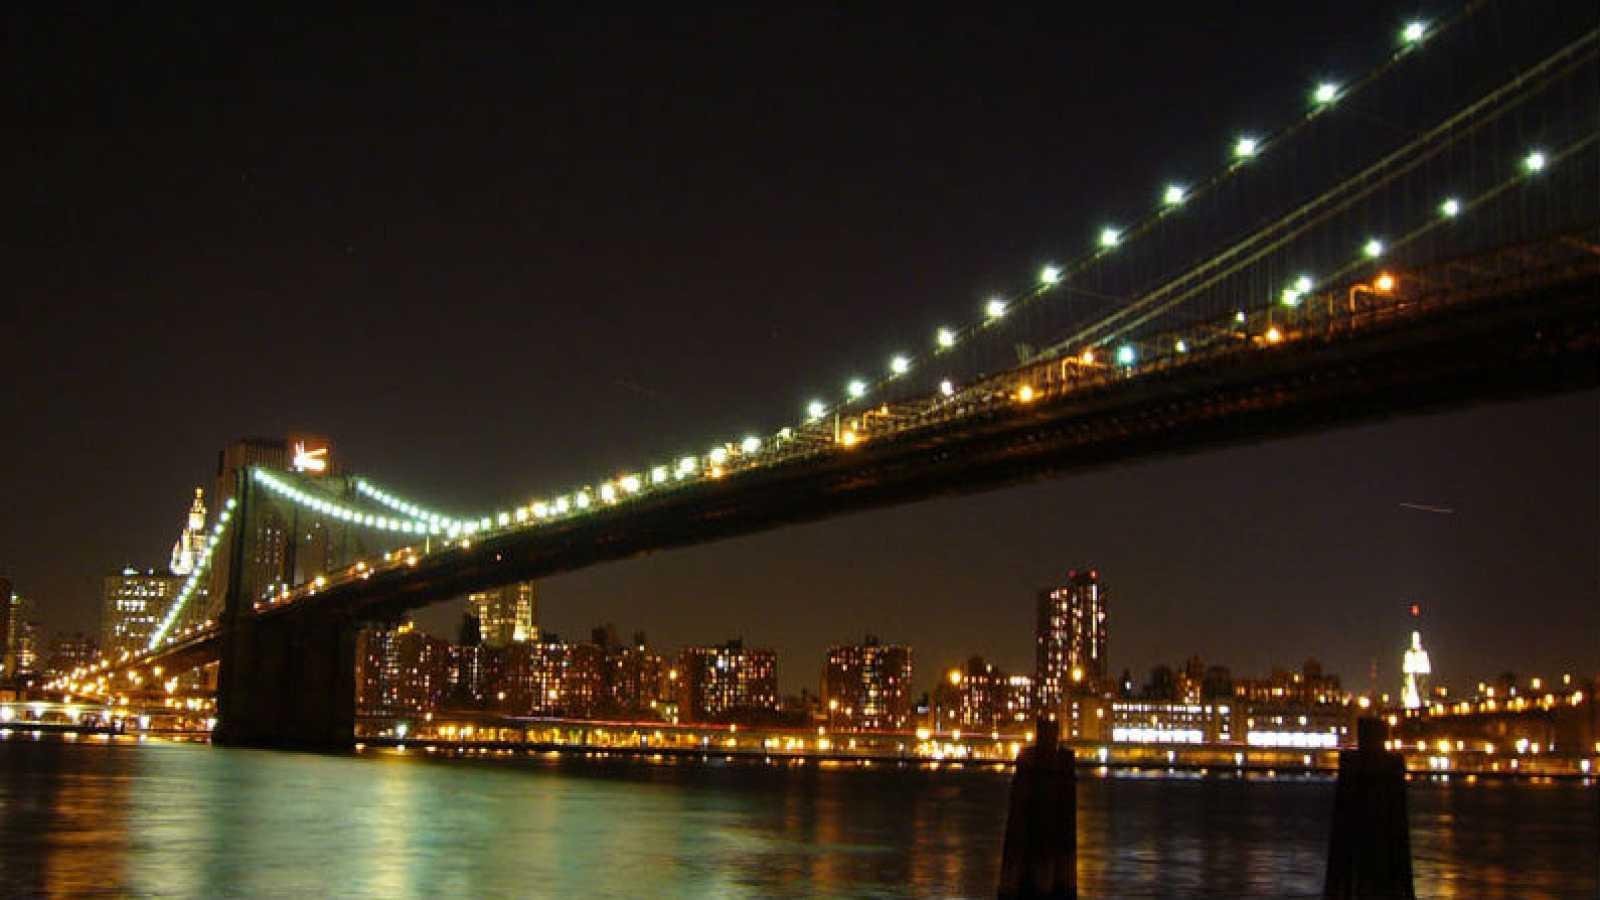 Raíz de 5 - Los puentes, los arcos y la curva catenaria - 06/05/17 - Escuchar ahora